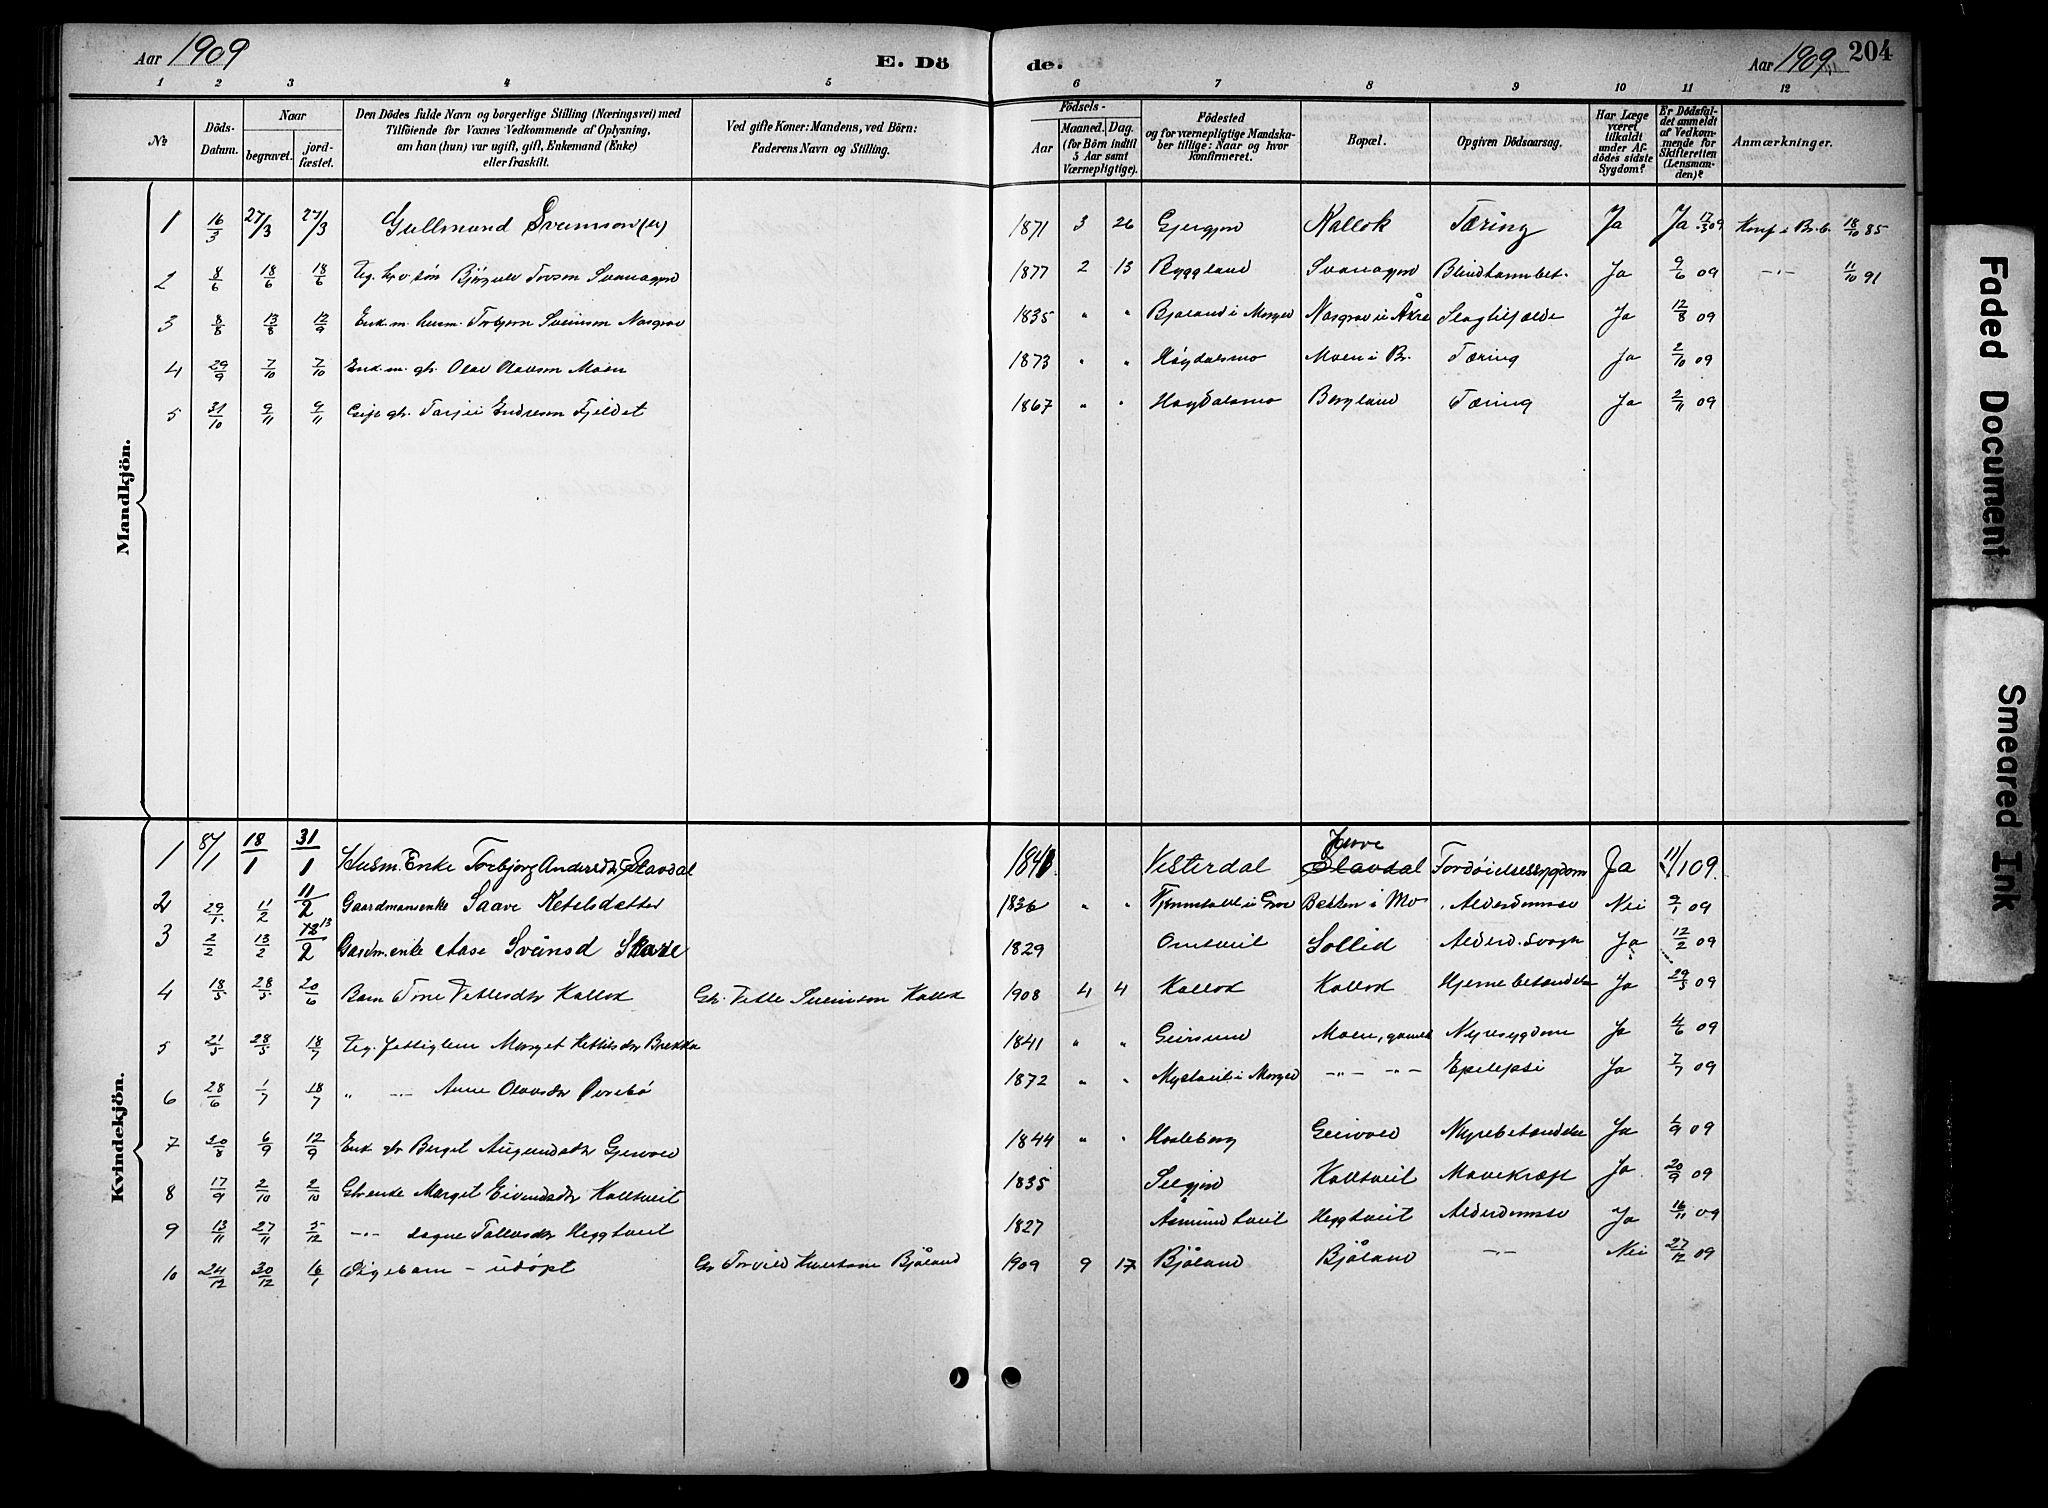 SAKO, Kviteseid kirkebøker, G/Gb/L0003: Klokkerbok nr. II 3, 1893-1933, s. 204